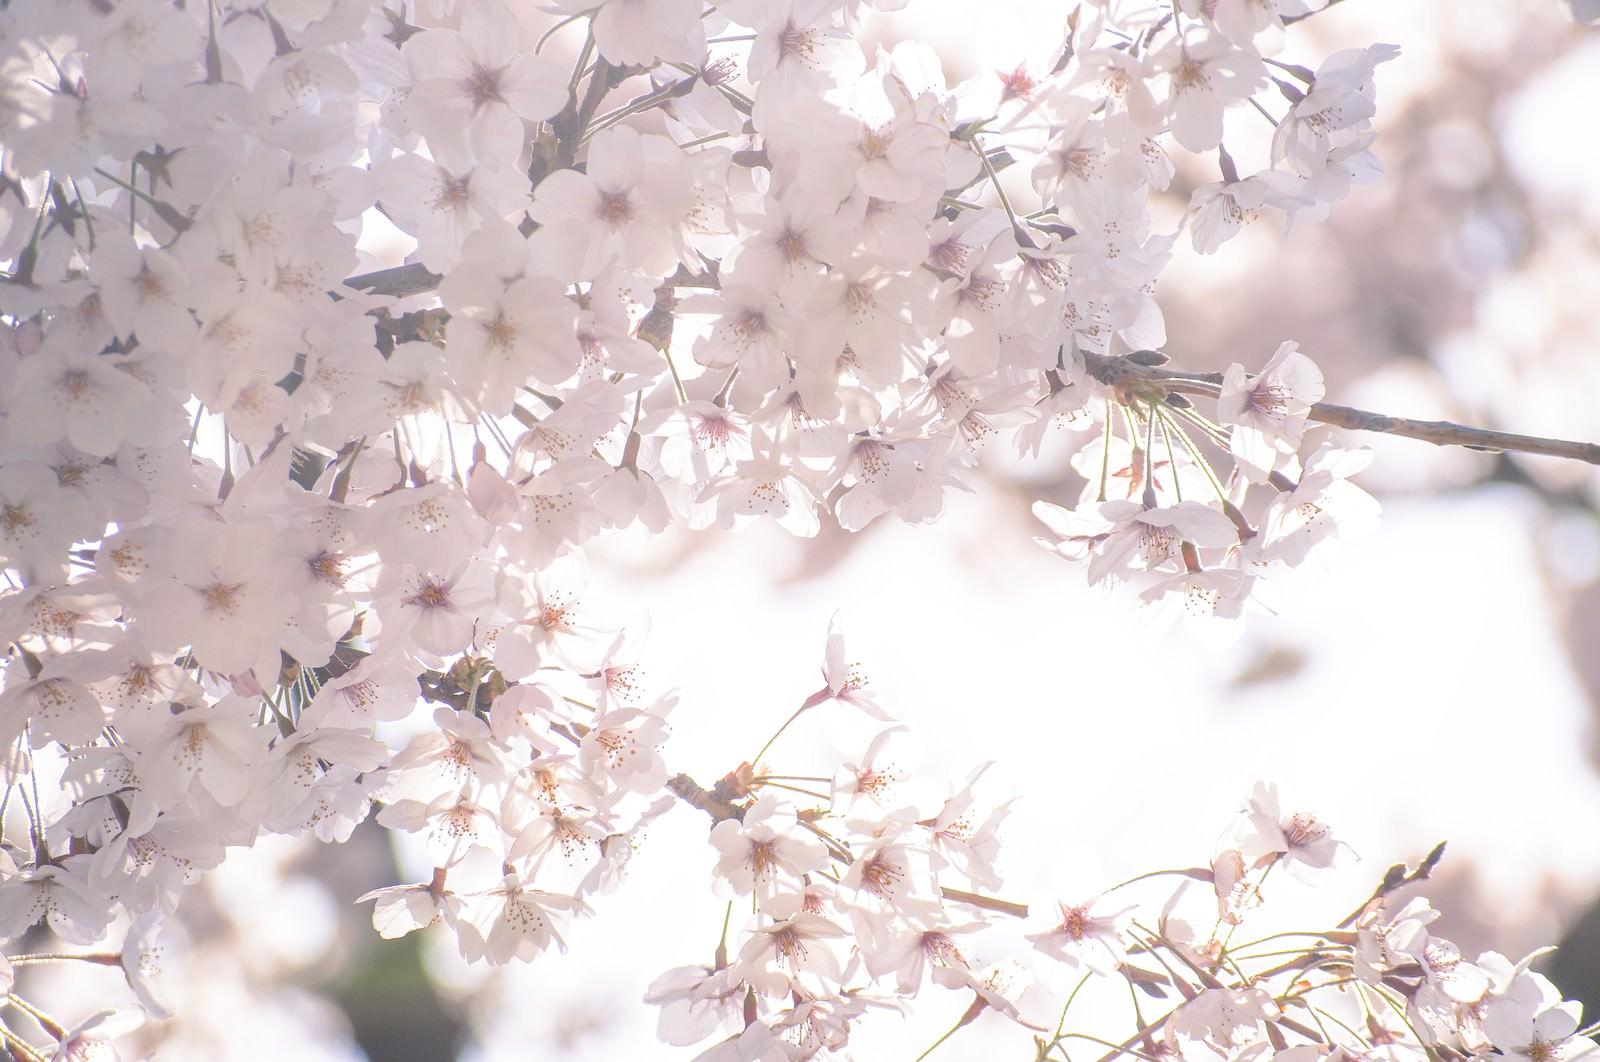 「うららかな春の桜」の写真